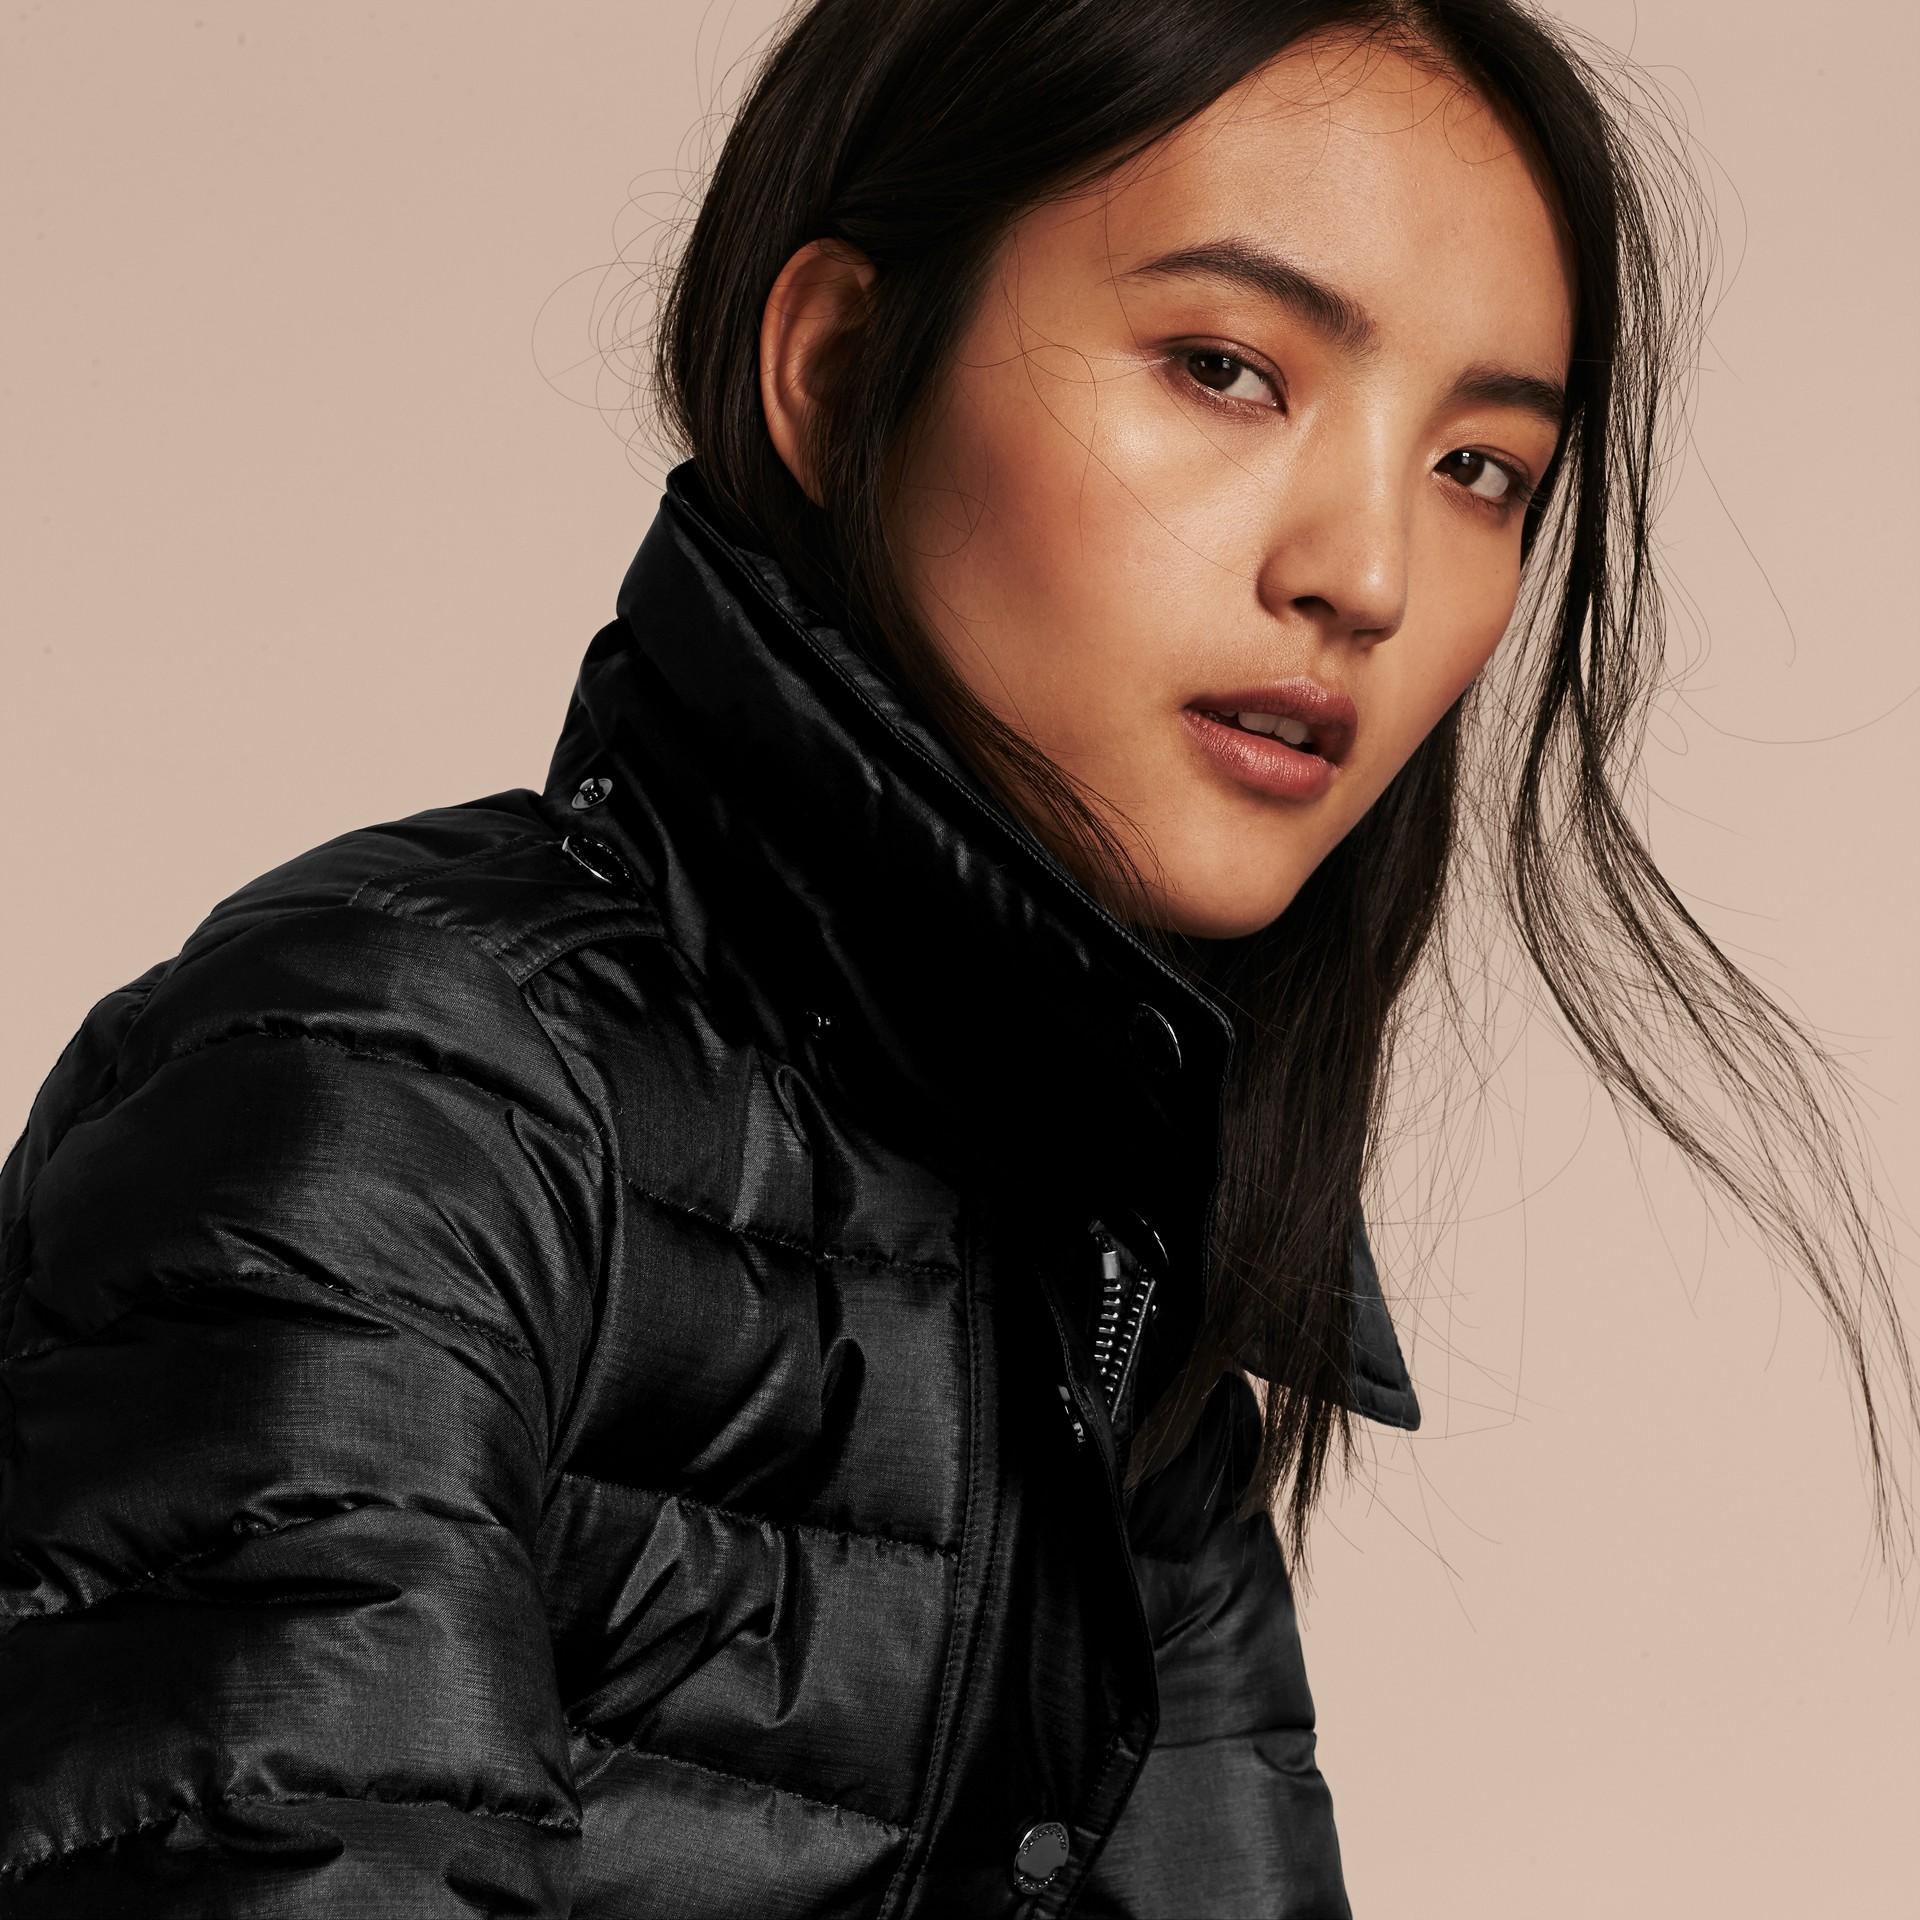 Черный Пуховое пальто с меховой опушкой Черный - изображение 5